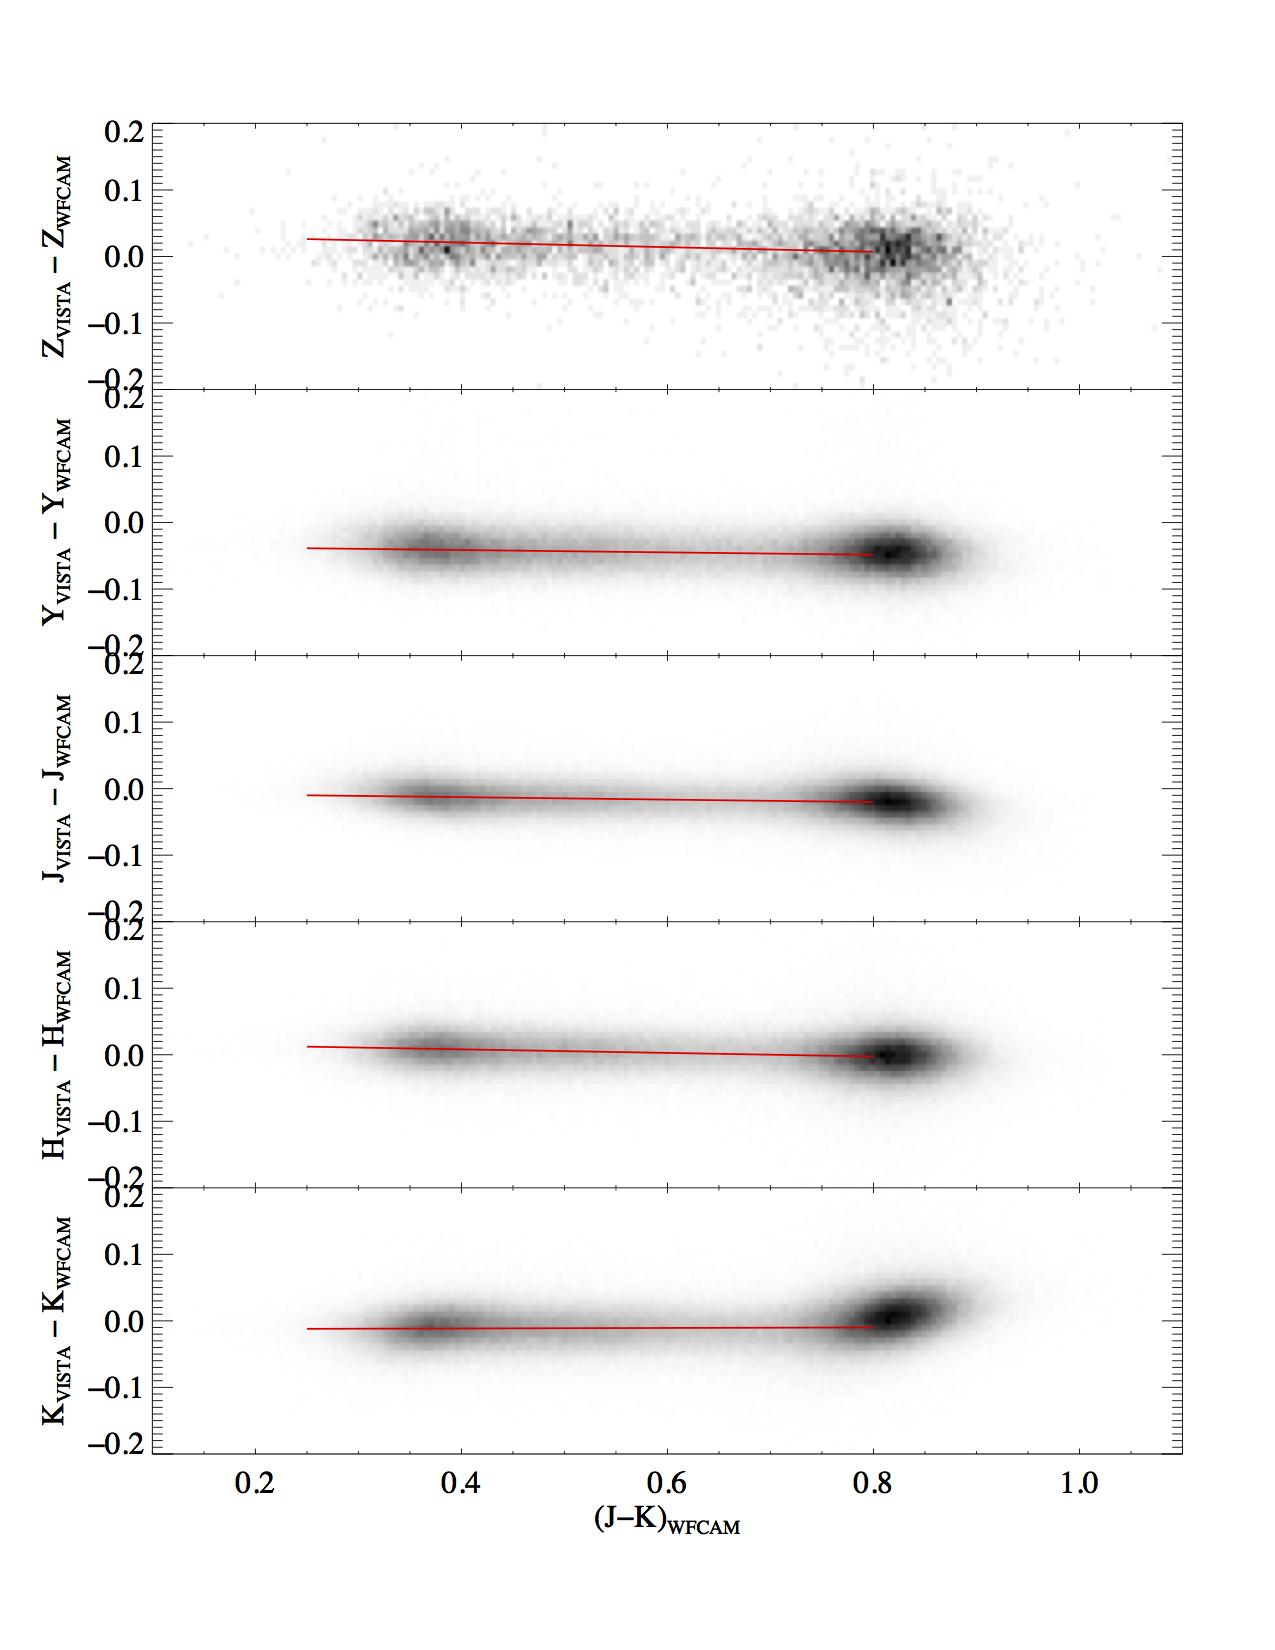 New VISTA-WFCAM plot